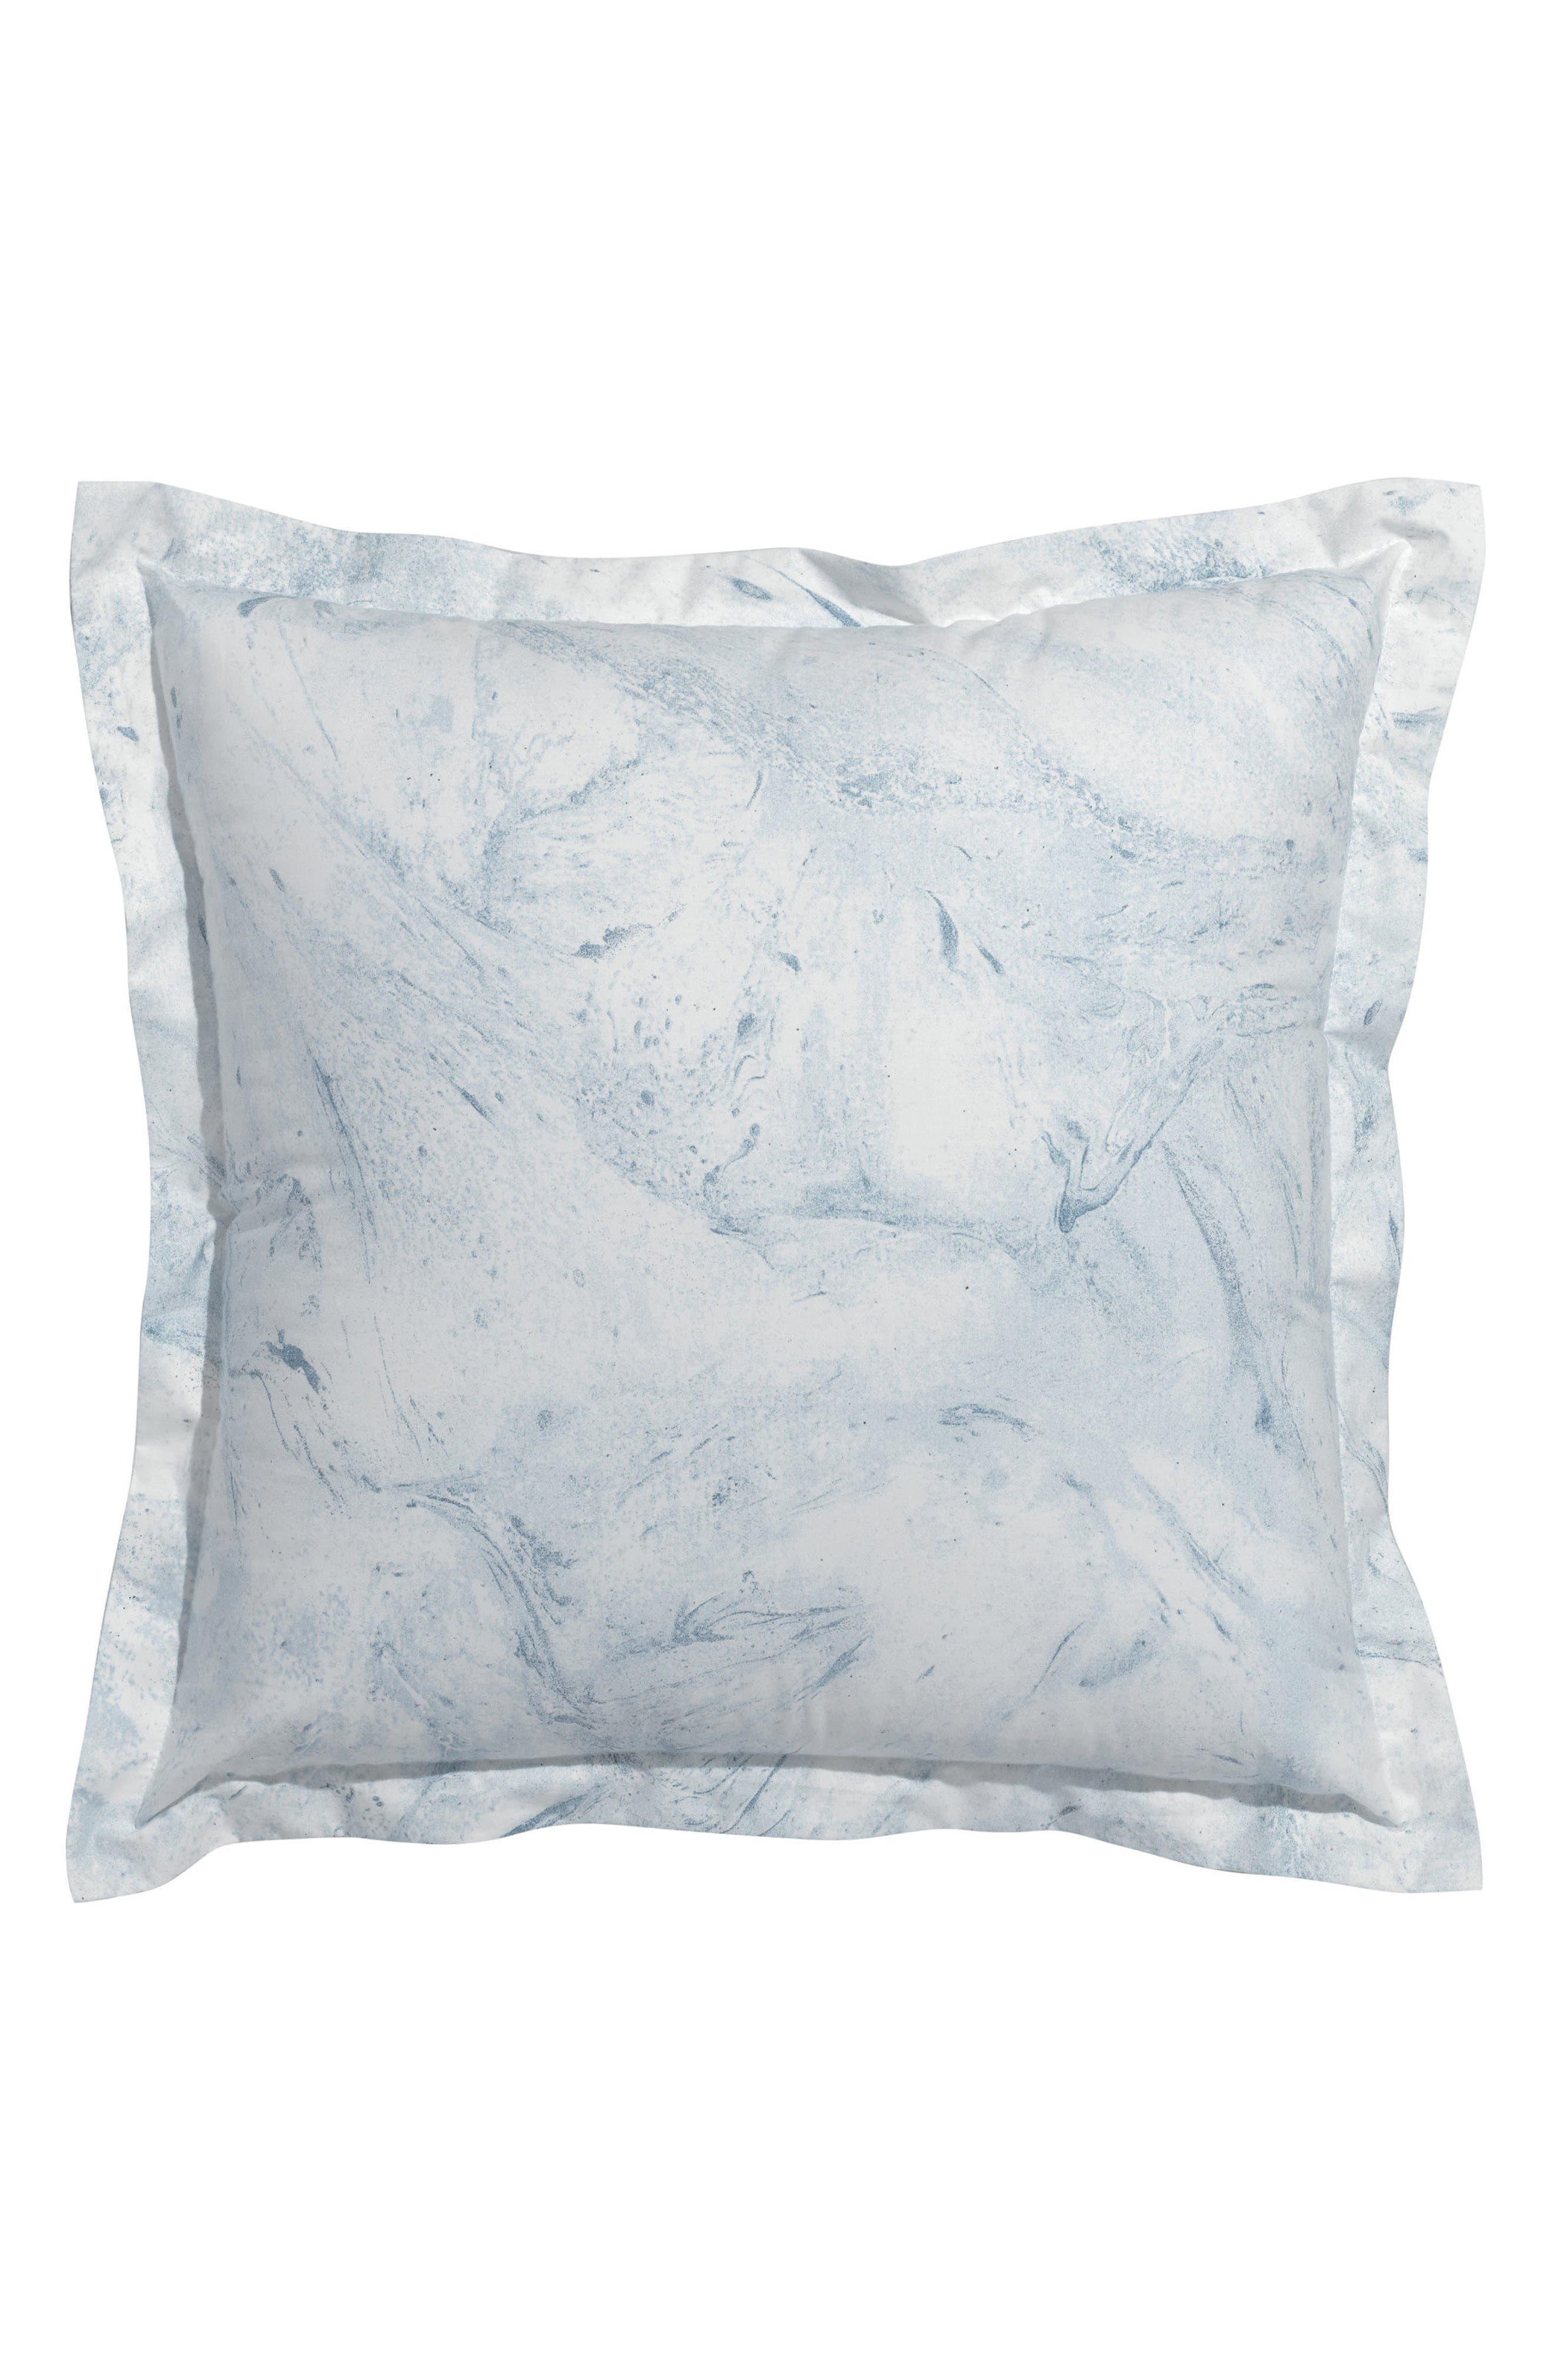 Glacier Bay Square Organic Cotton Accent Pillow,                         Main,                         color,